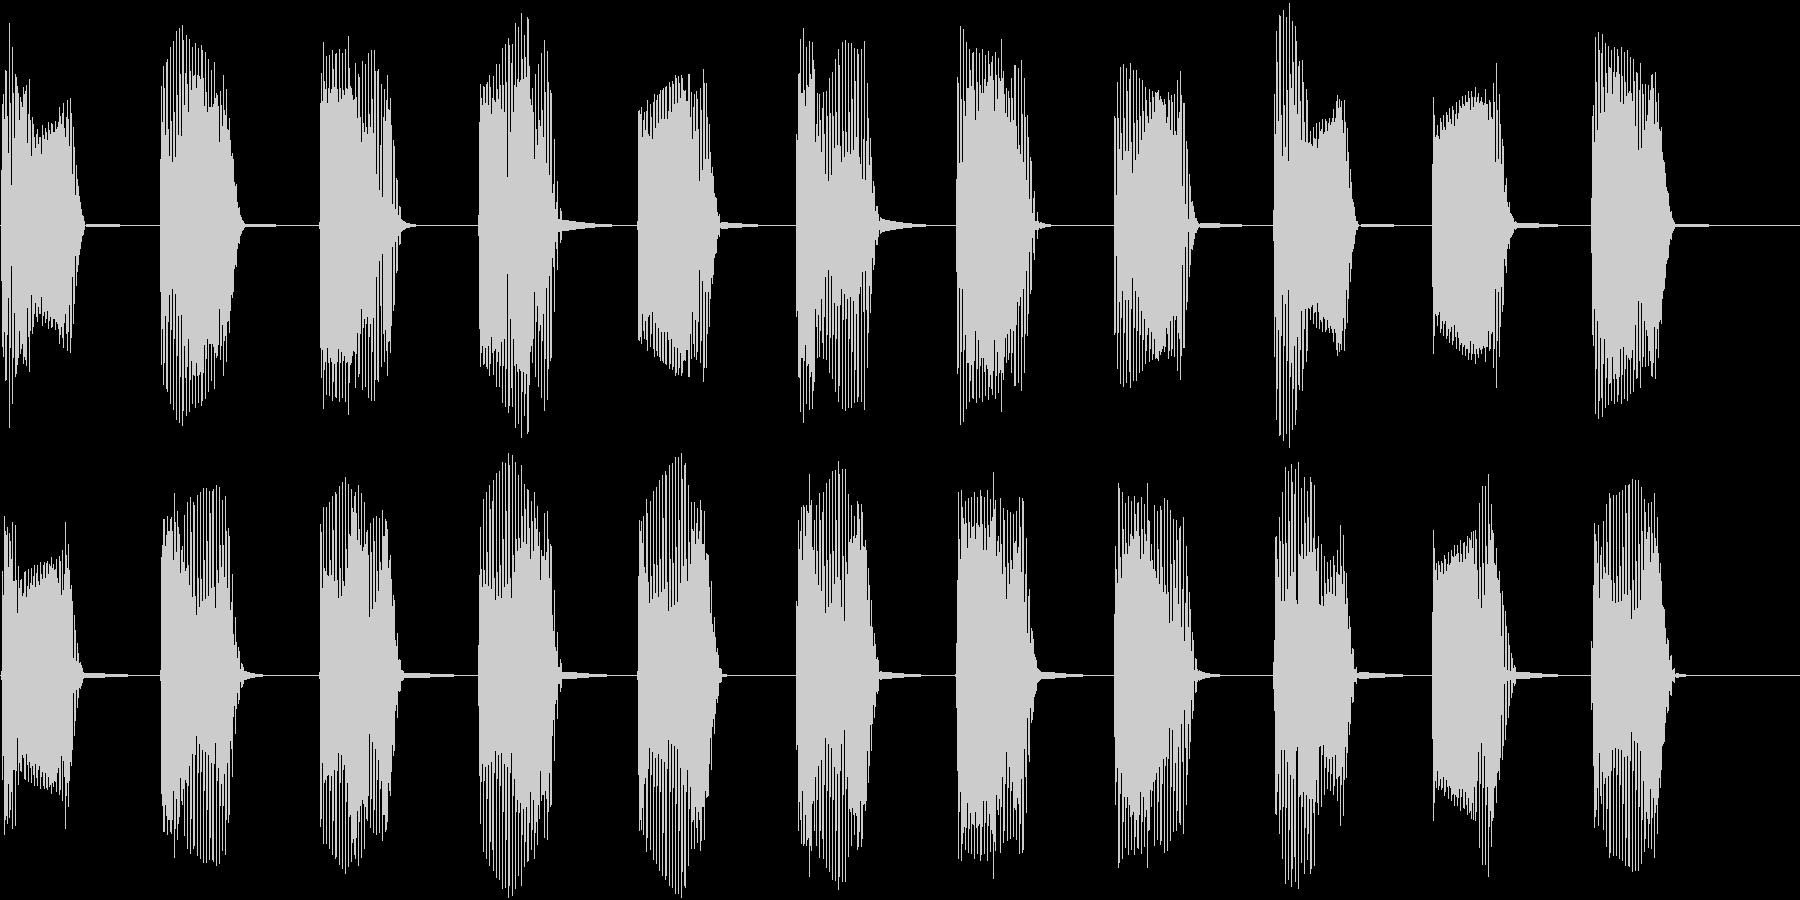 レトロなインベーダーゲームの音01の未再生の波形